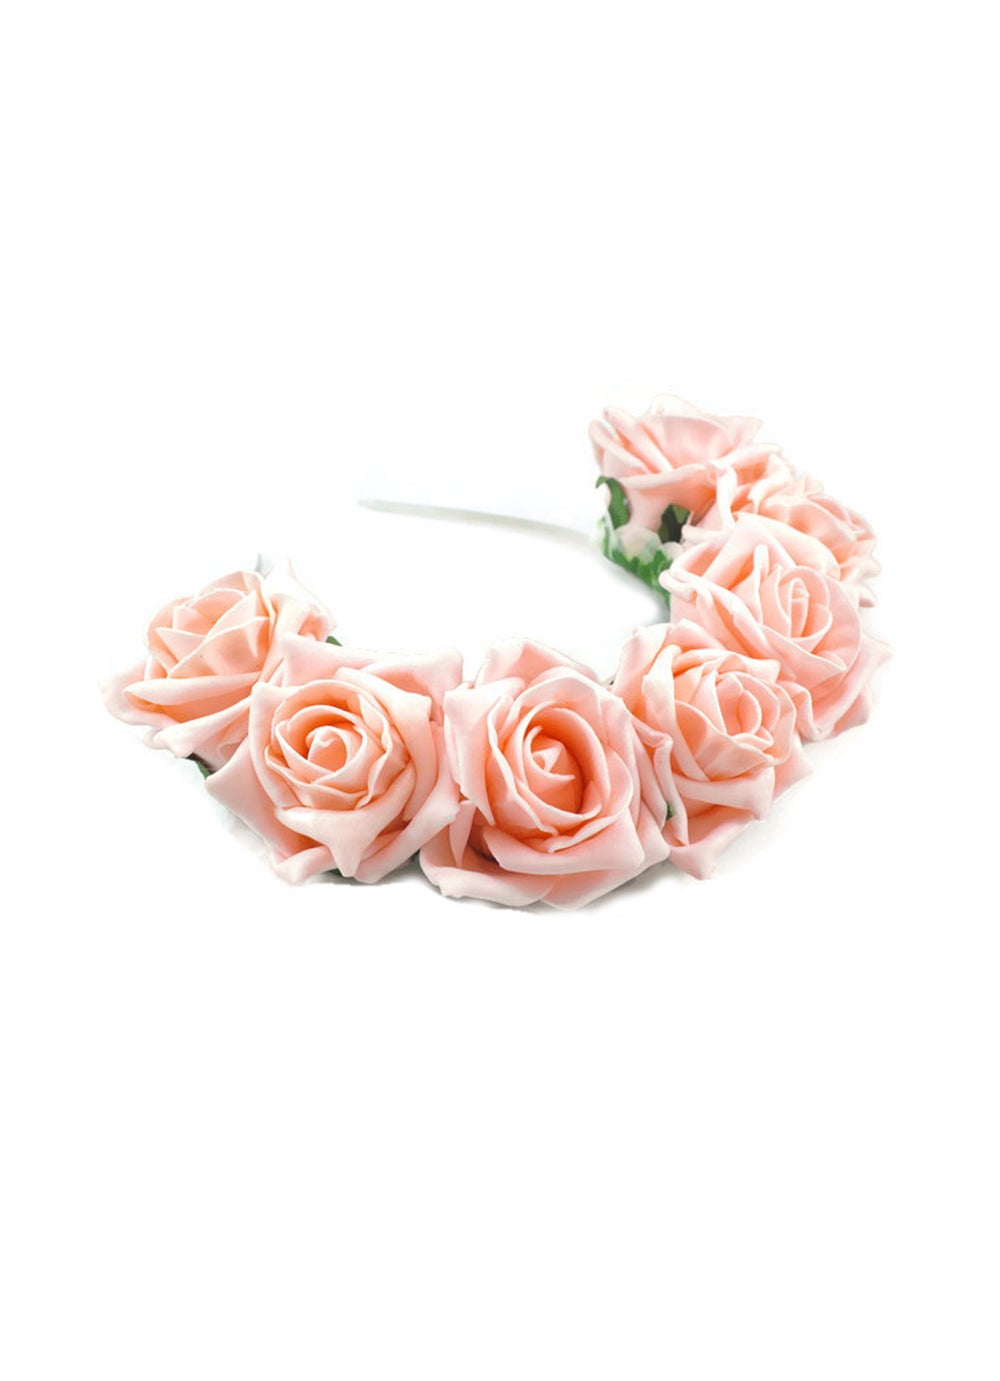 Image of Blooming Rose Crown Peach